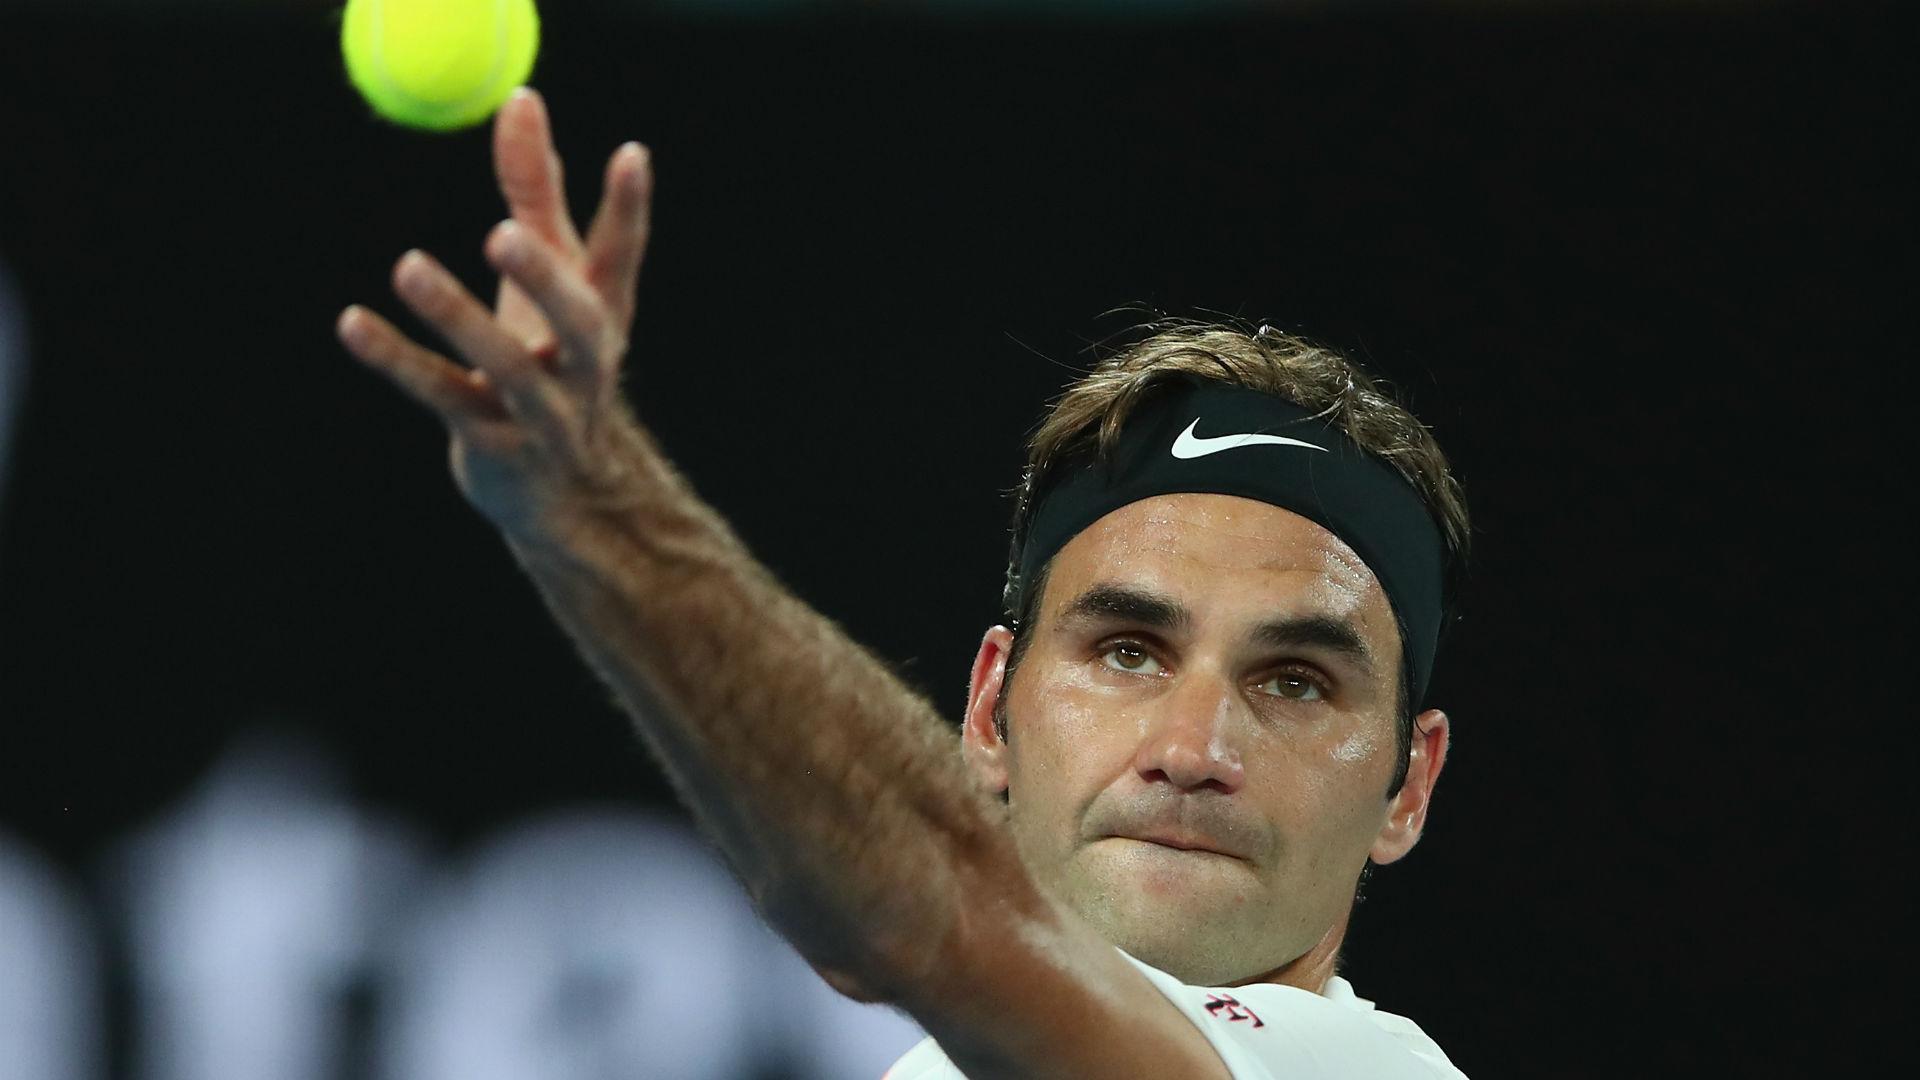 Australian Open second seed Roger Federer